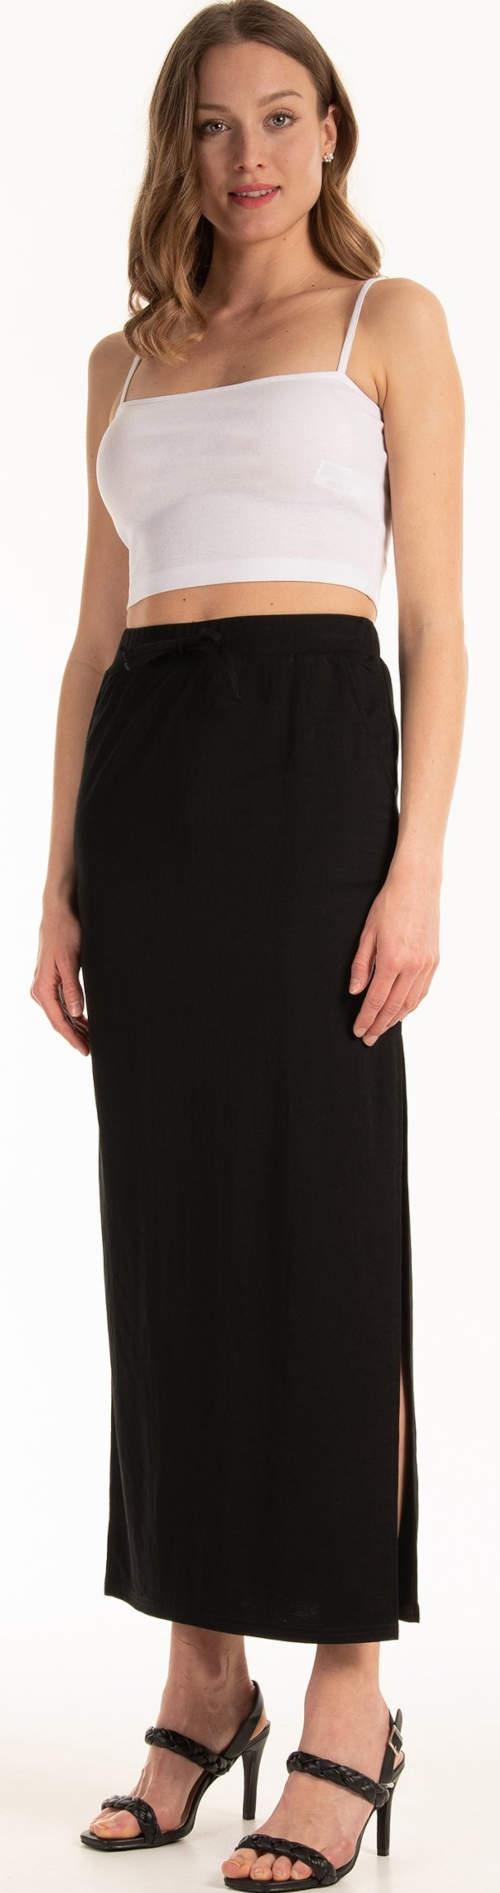 Dlouhá černá sukně a bílé crop tílko